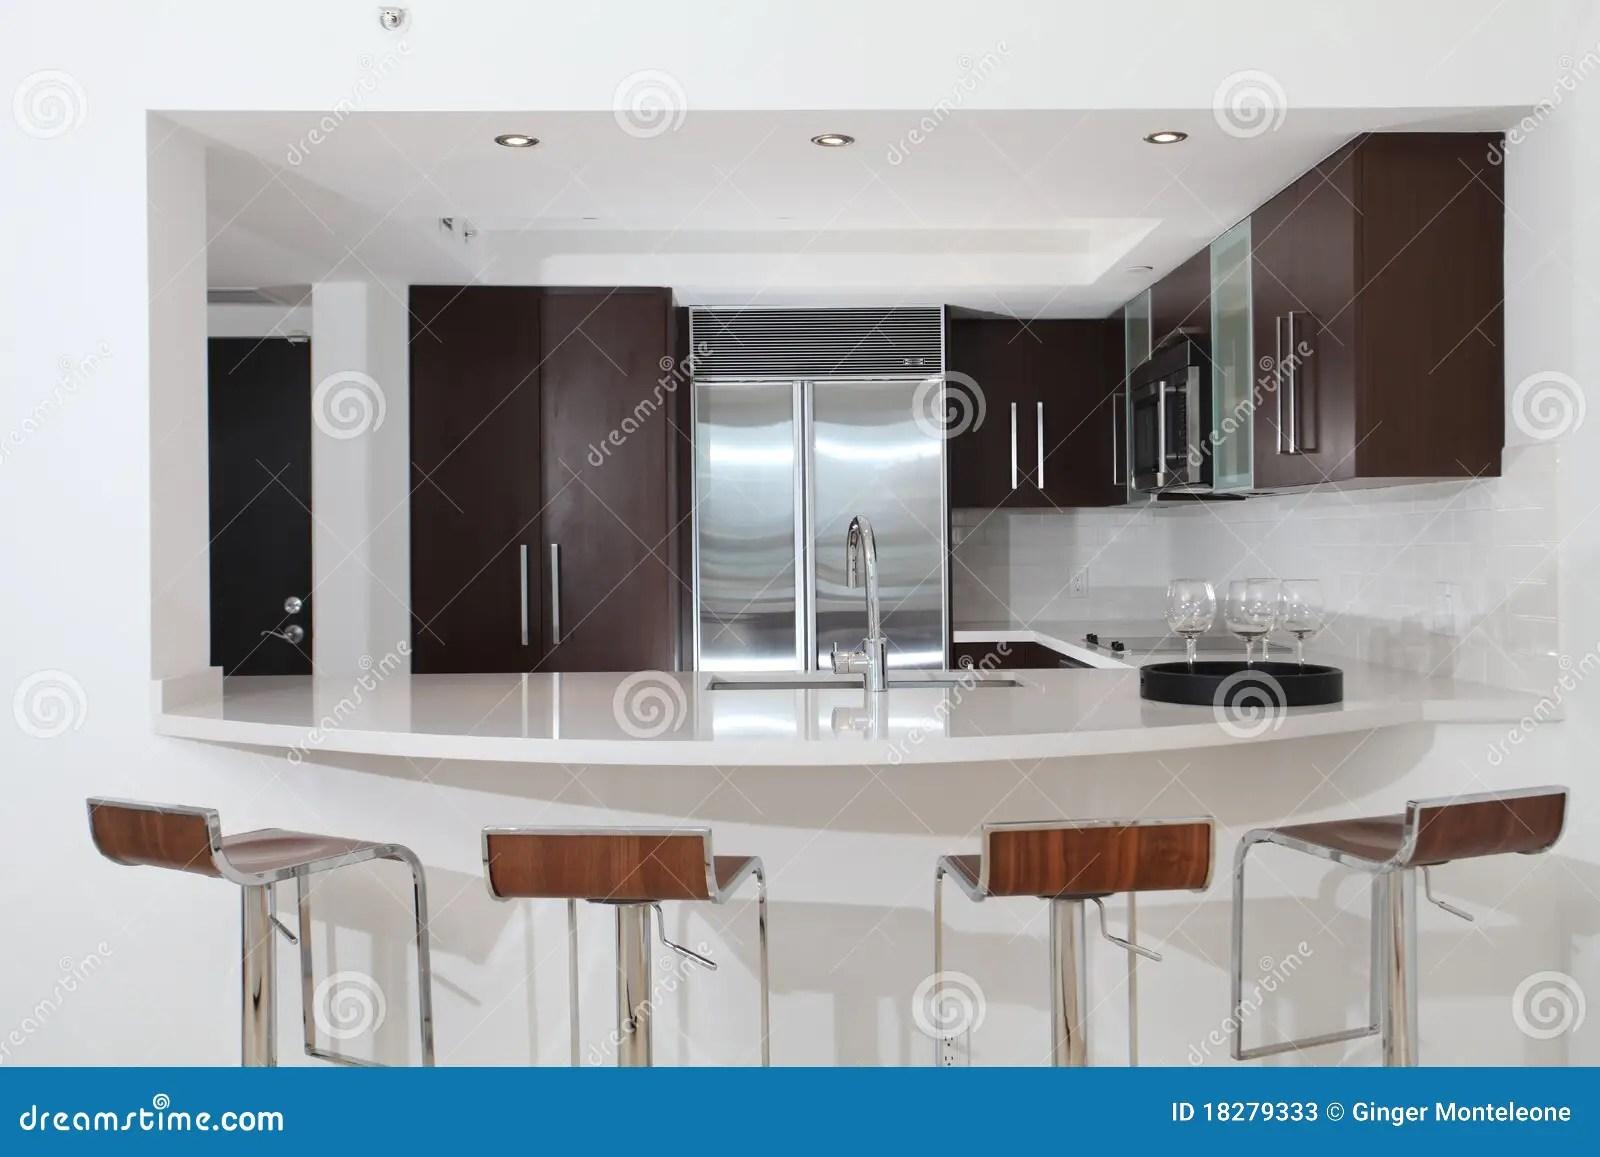 modern kitchen stools best sink 逆厨房凳子库存图片 图片包括有空白 现代 石头 木头 改造 不锈 自 计数器四厨房开放通过凳子